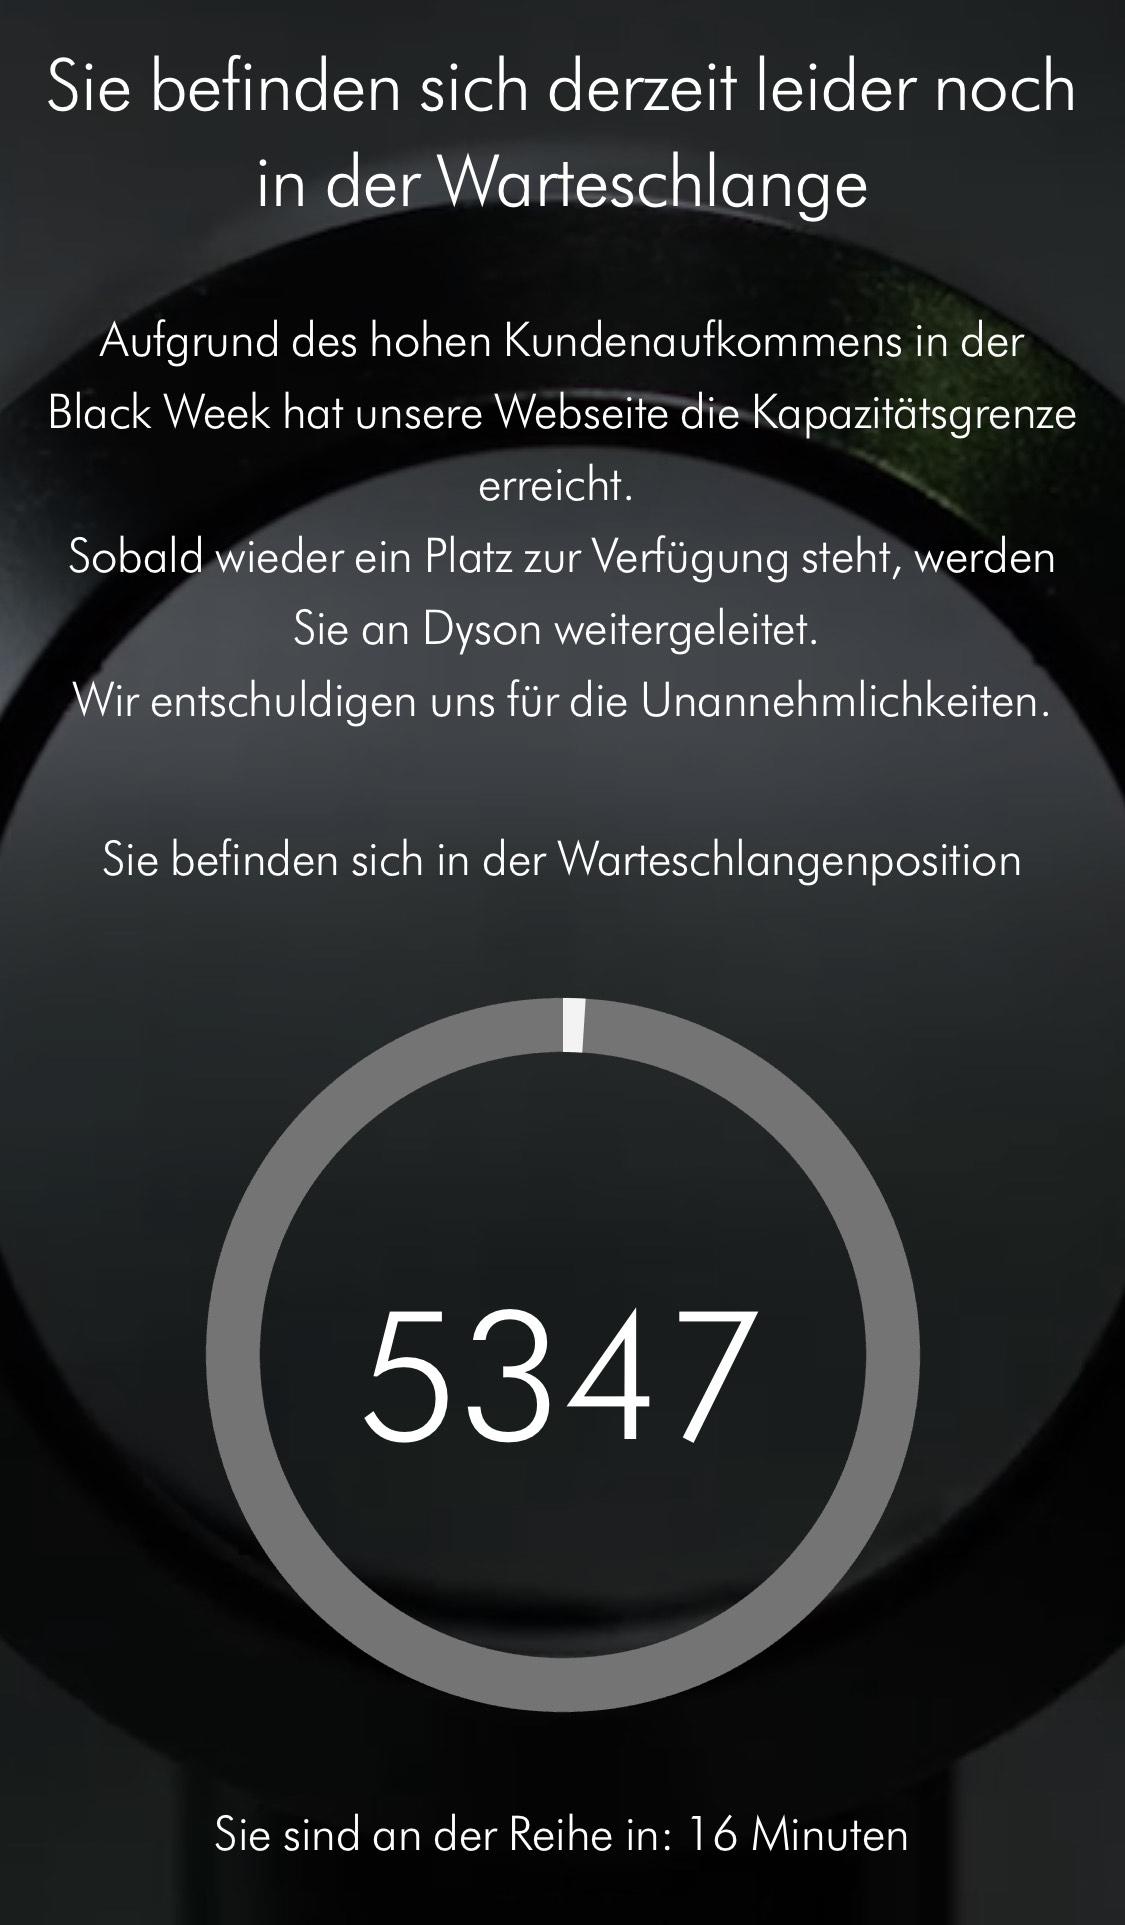 23818720-sMp5I.jpg